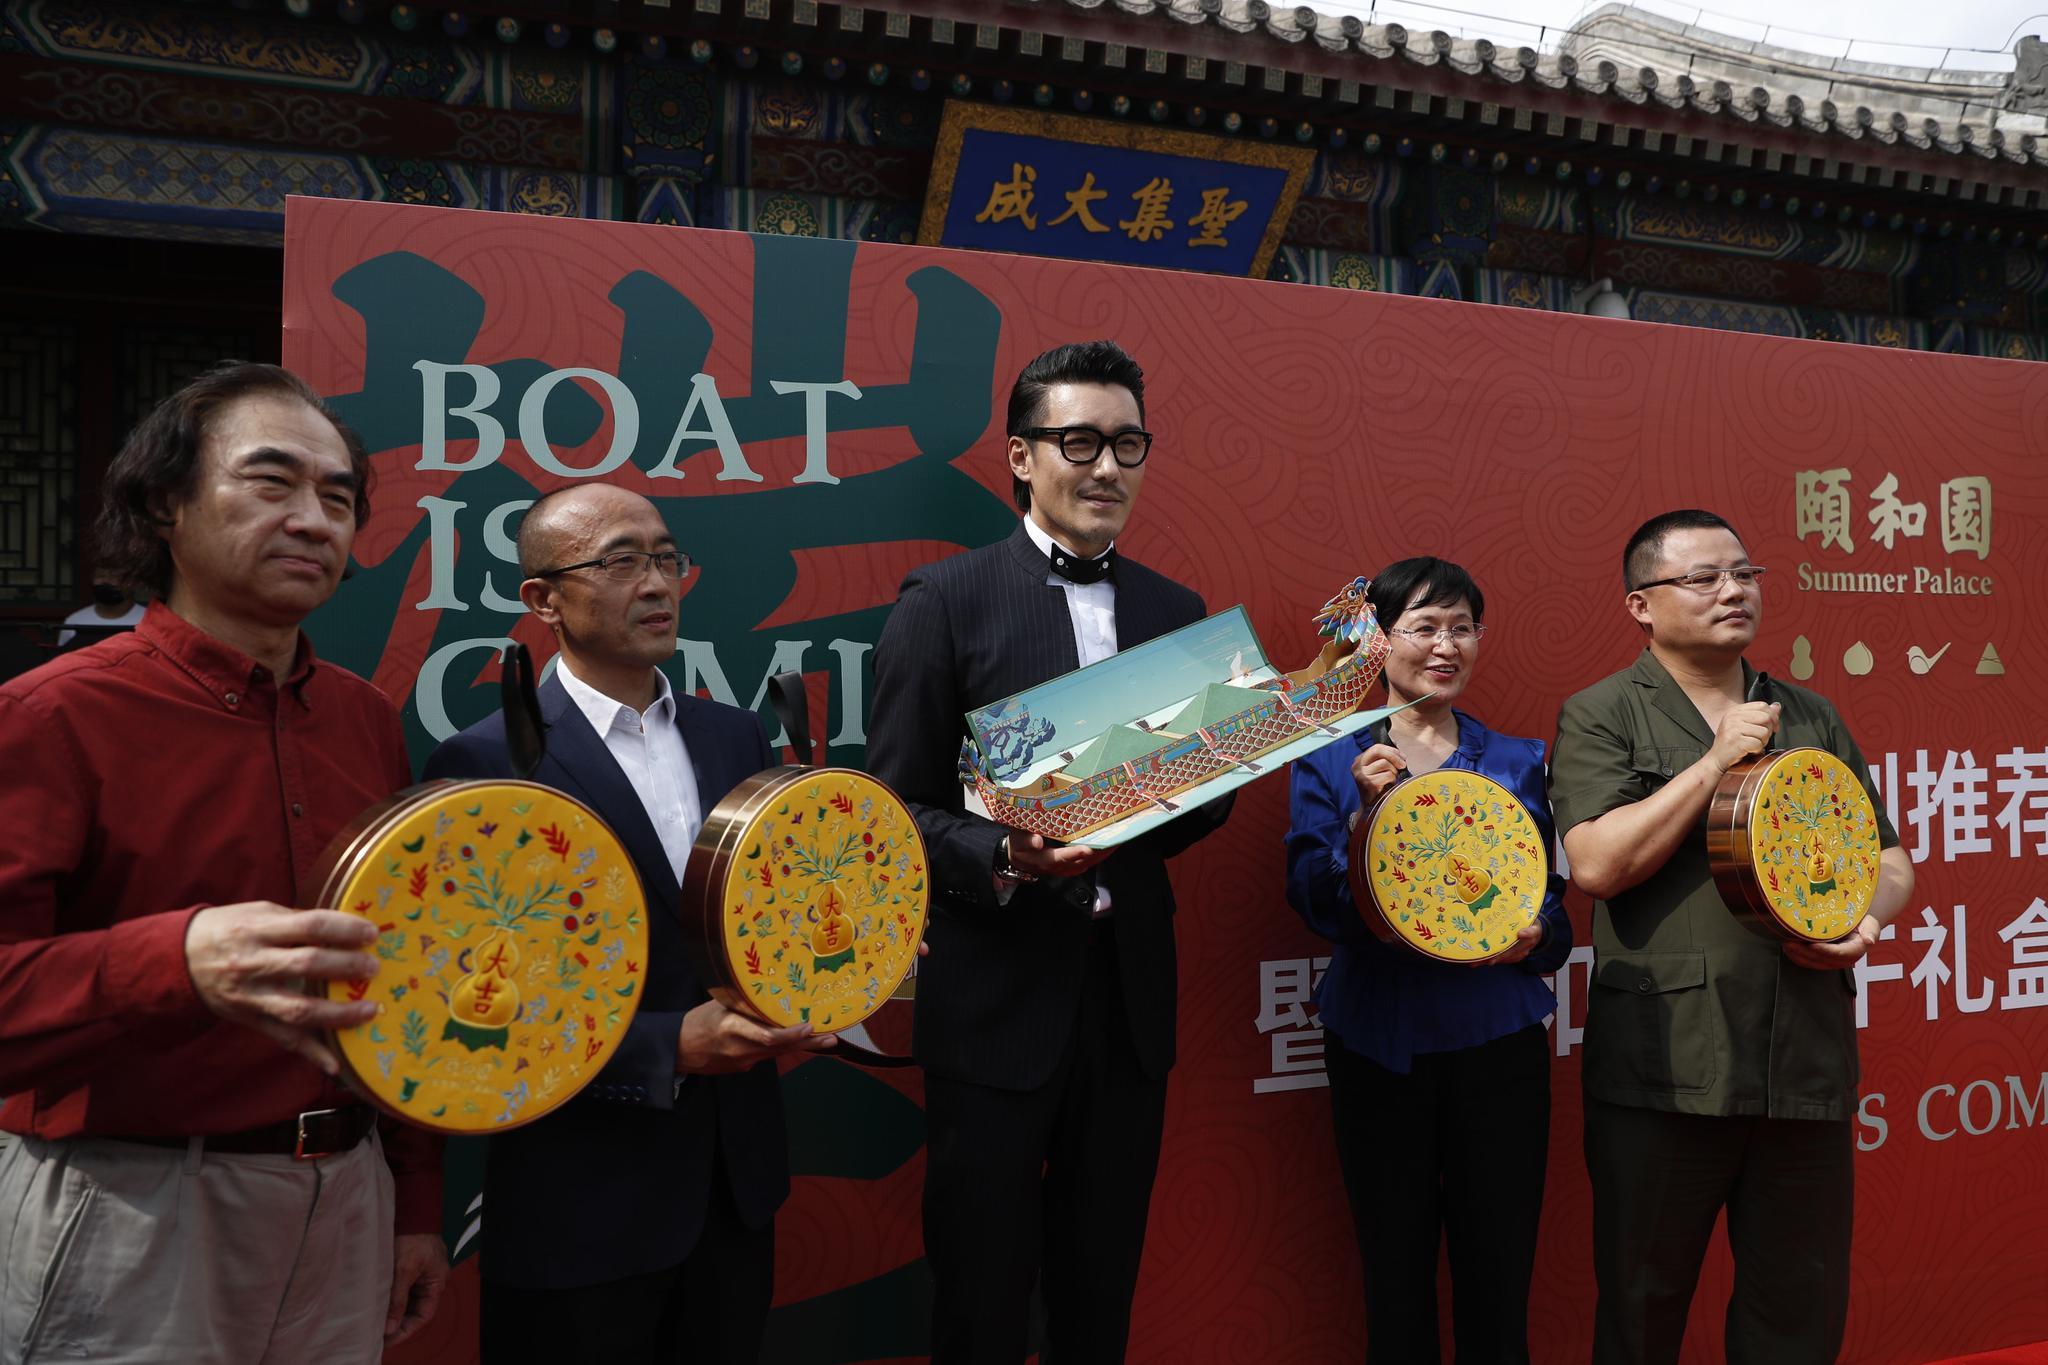 颐和园首次推出端午粽子礼盒,今年将上新百余种文创产品